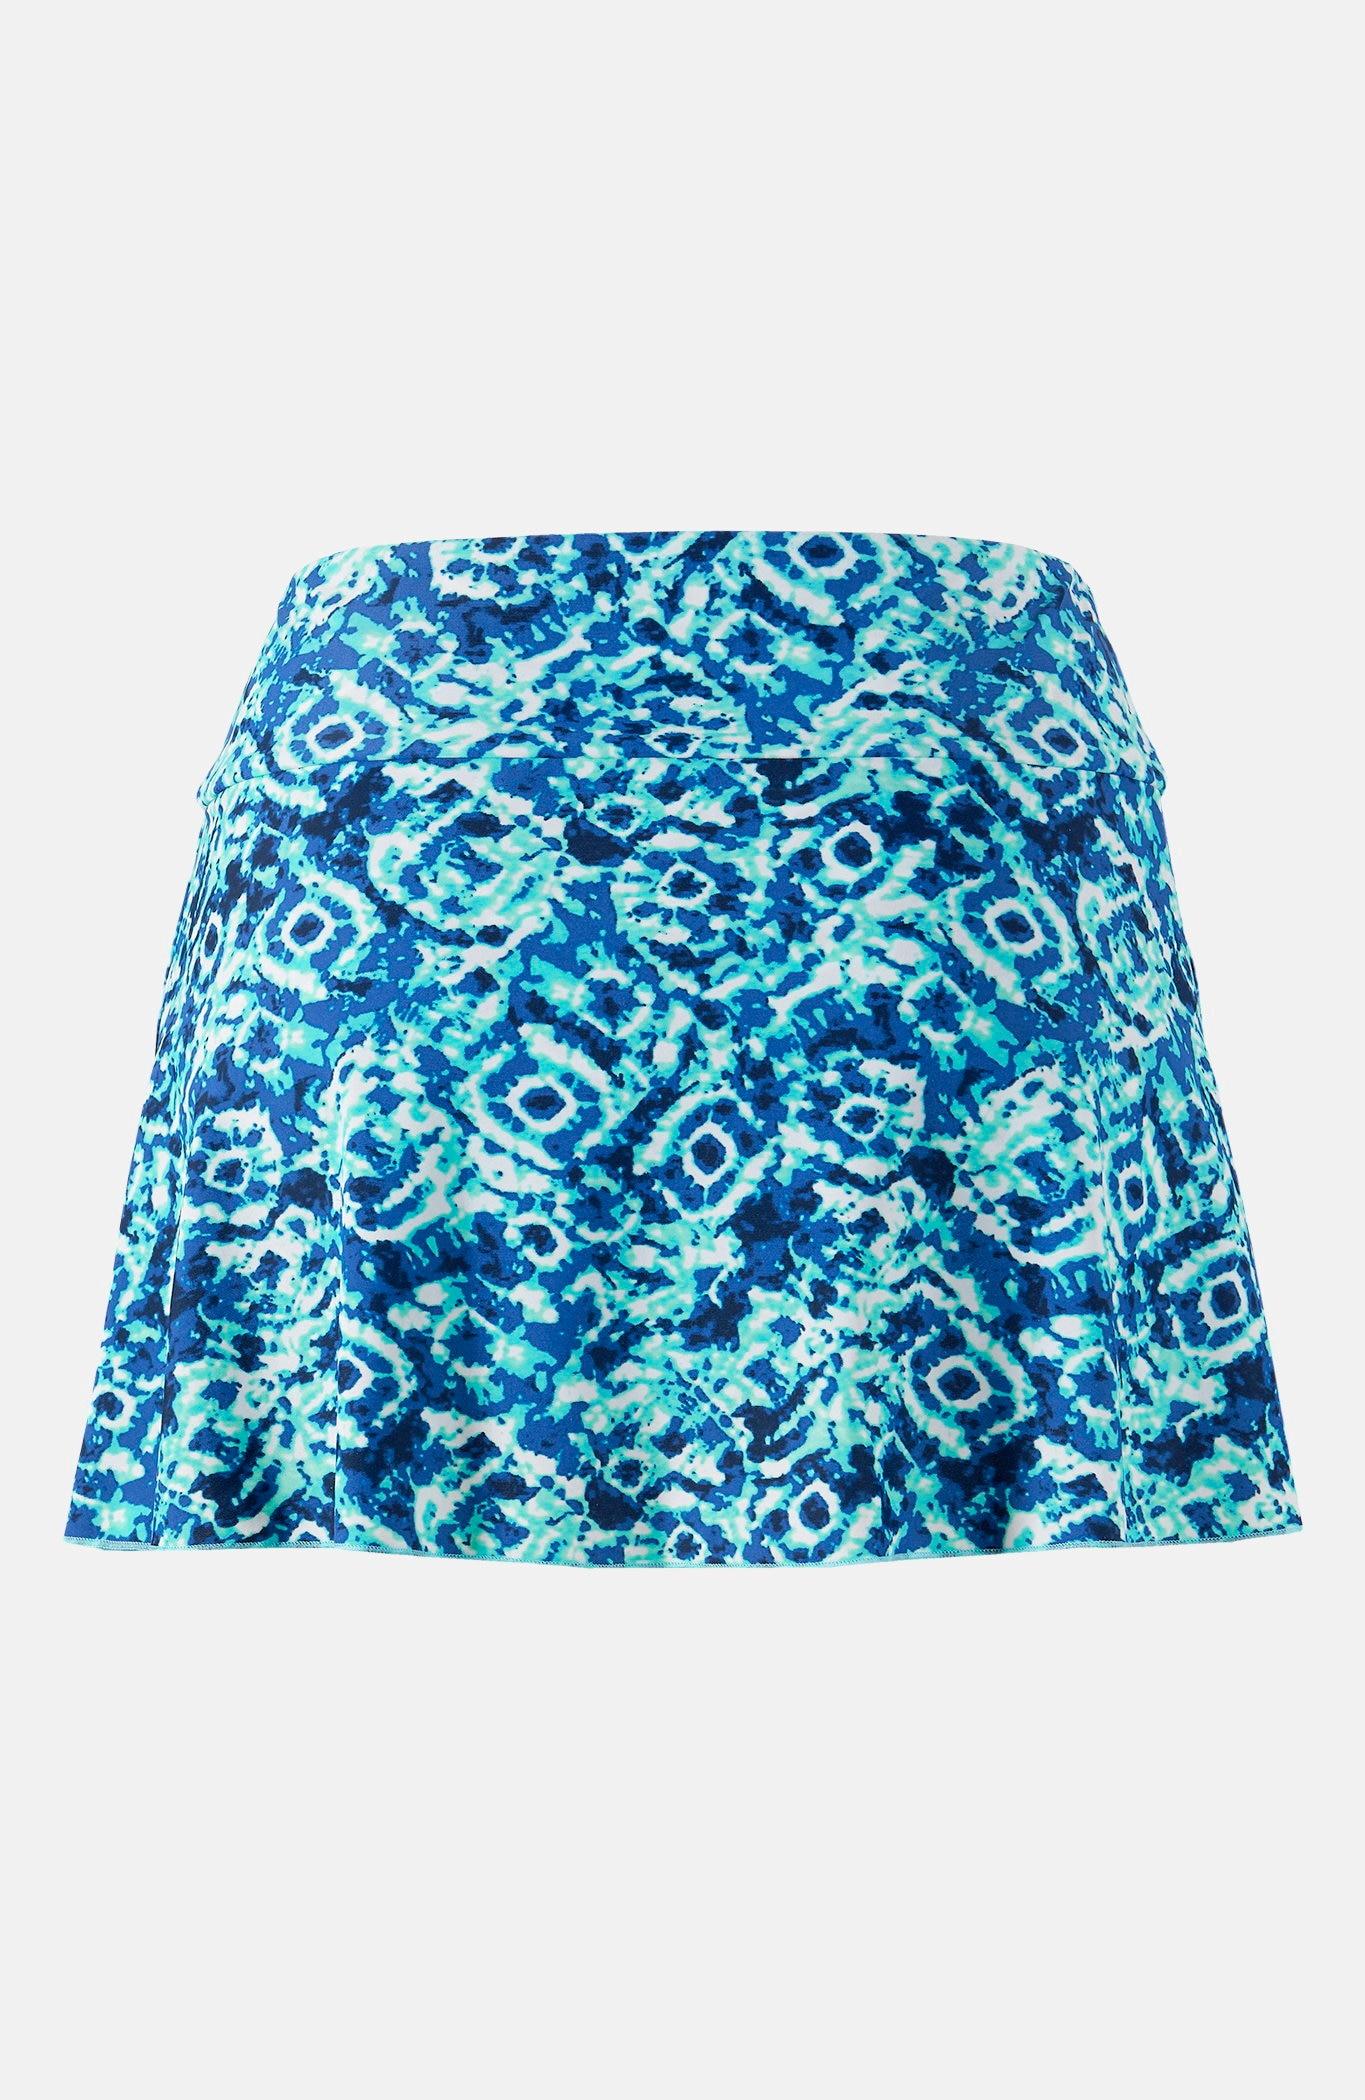 Majtki od bikini ze spódniczką wniebieskie wzory